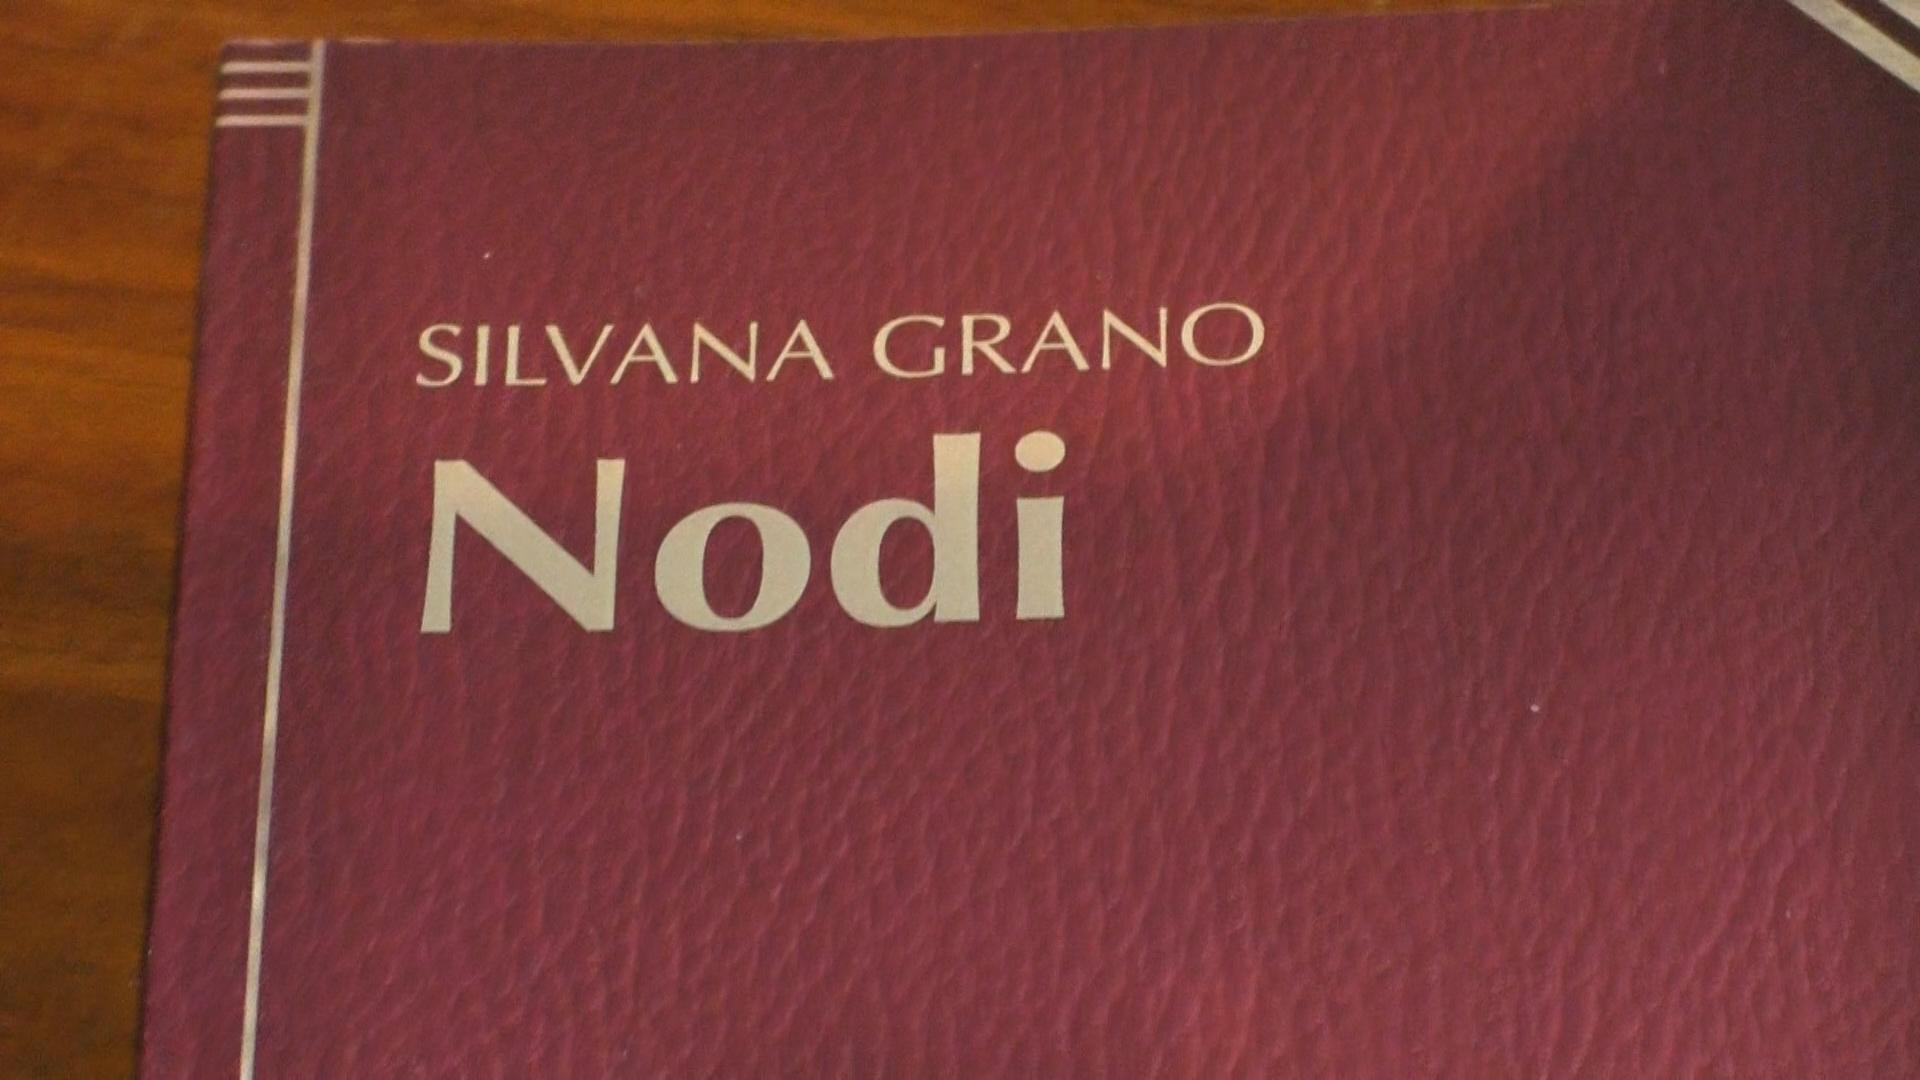 Nodi di Silvana Grano